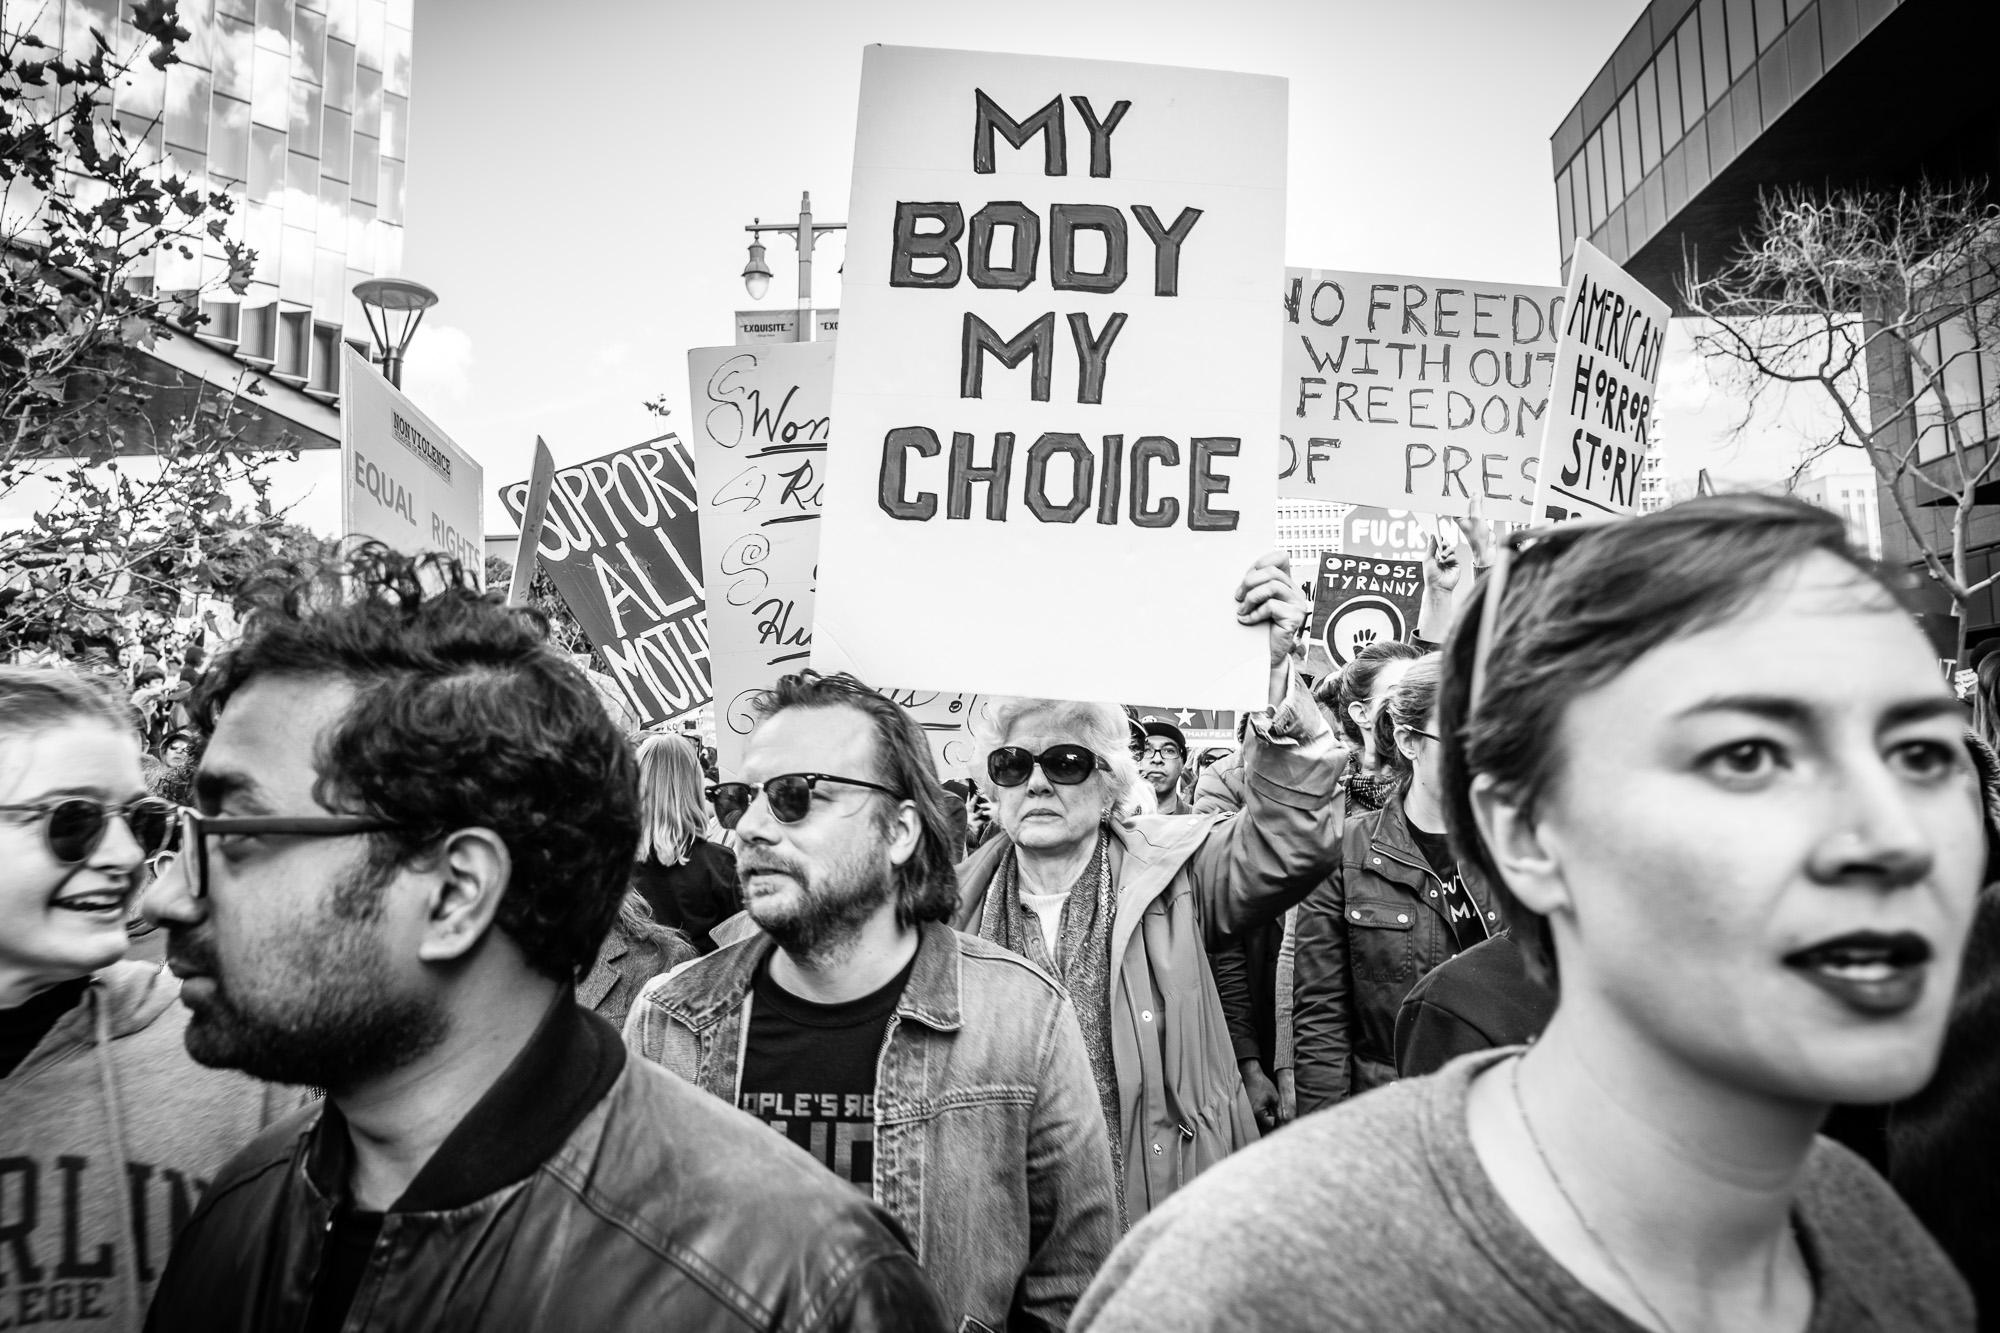 Protesting_28.jpg